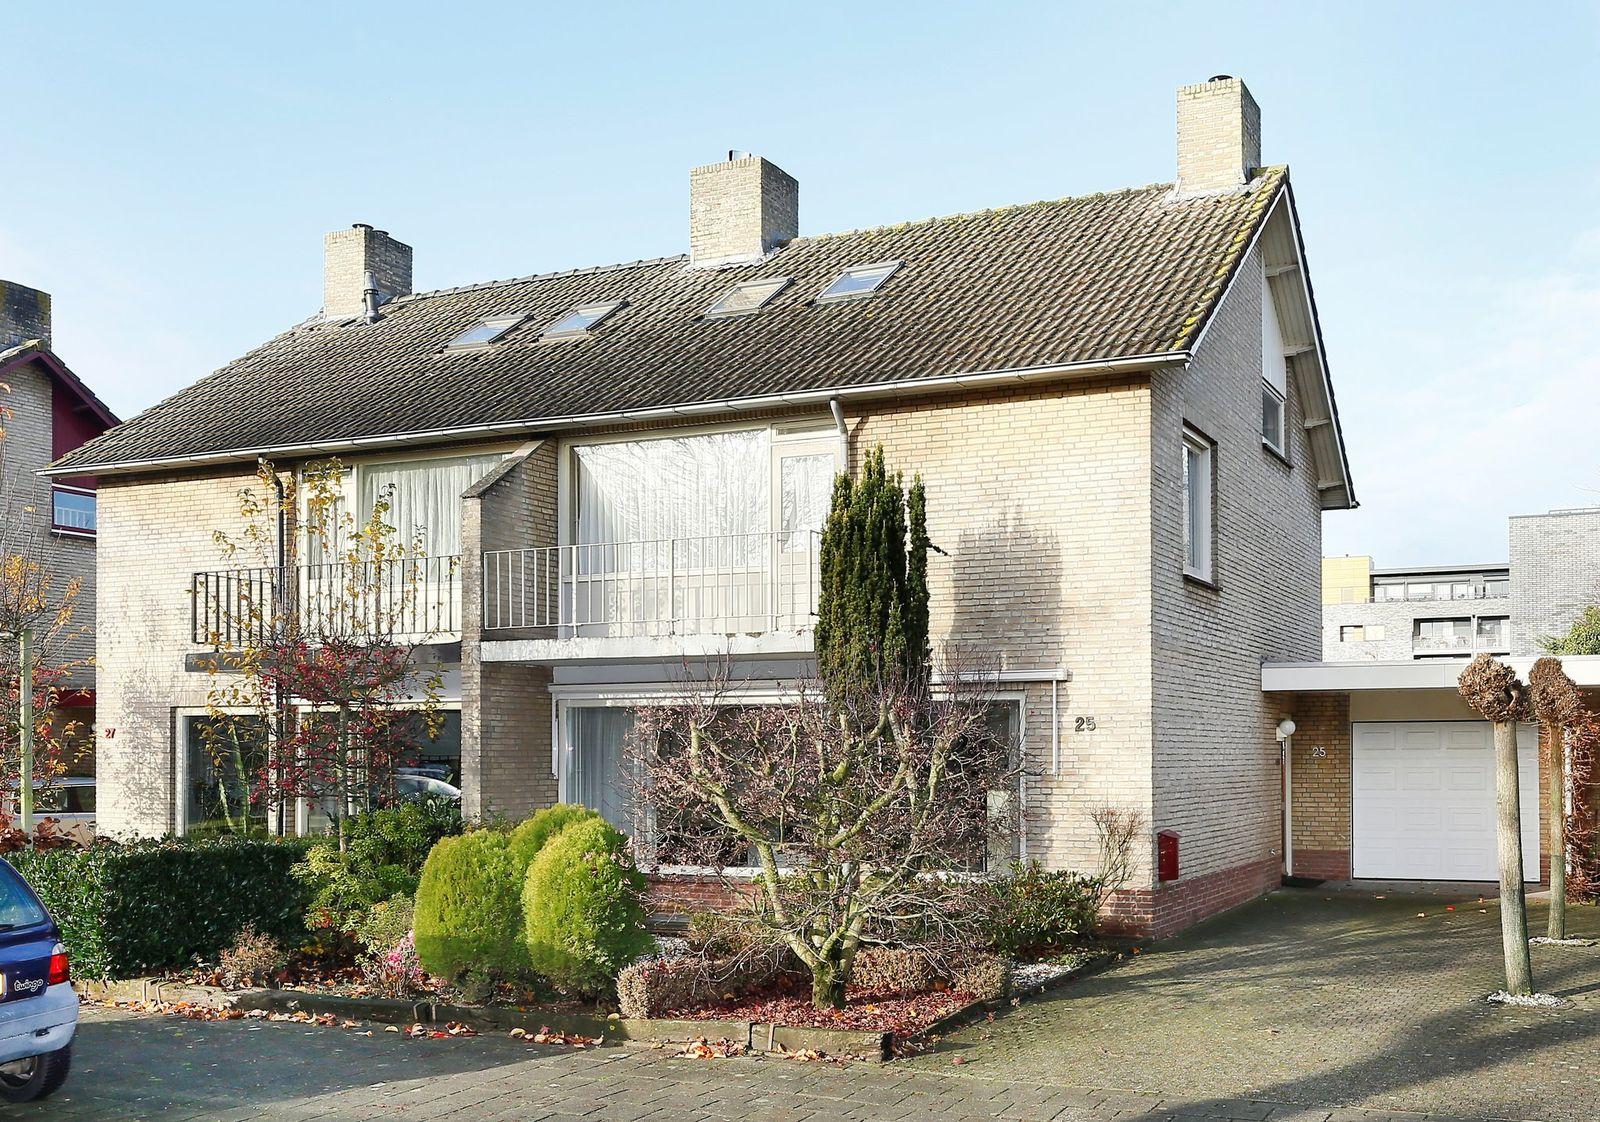 Lagemorgenlaan 25, 's-hertogenbosch